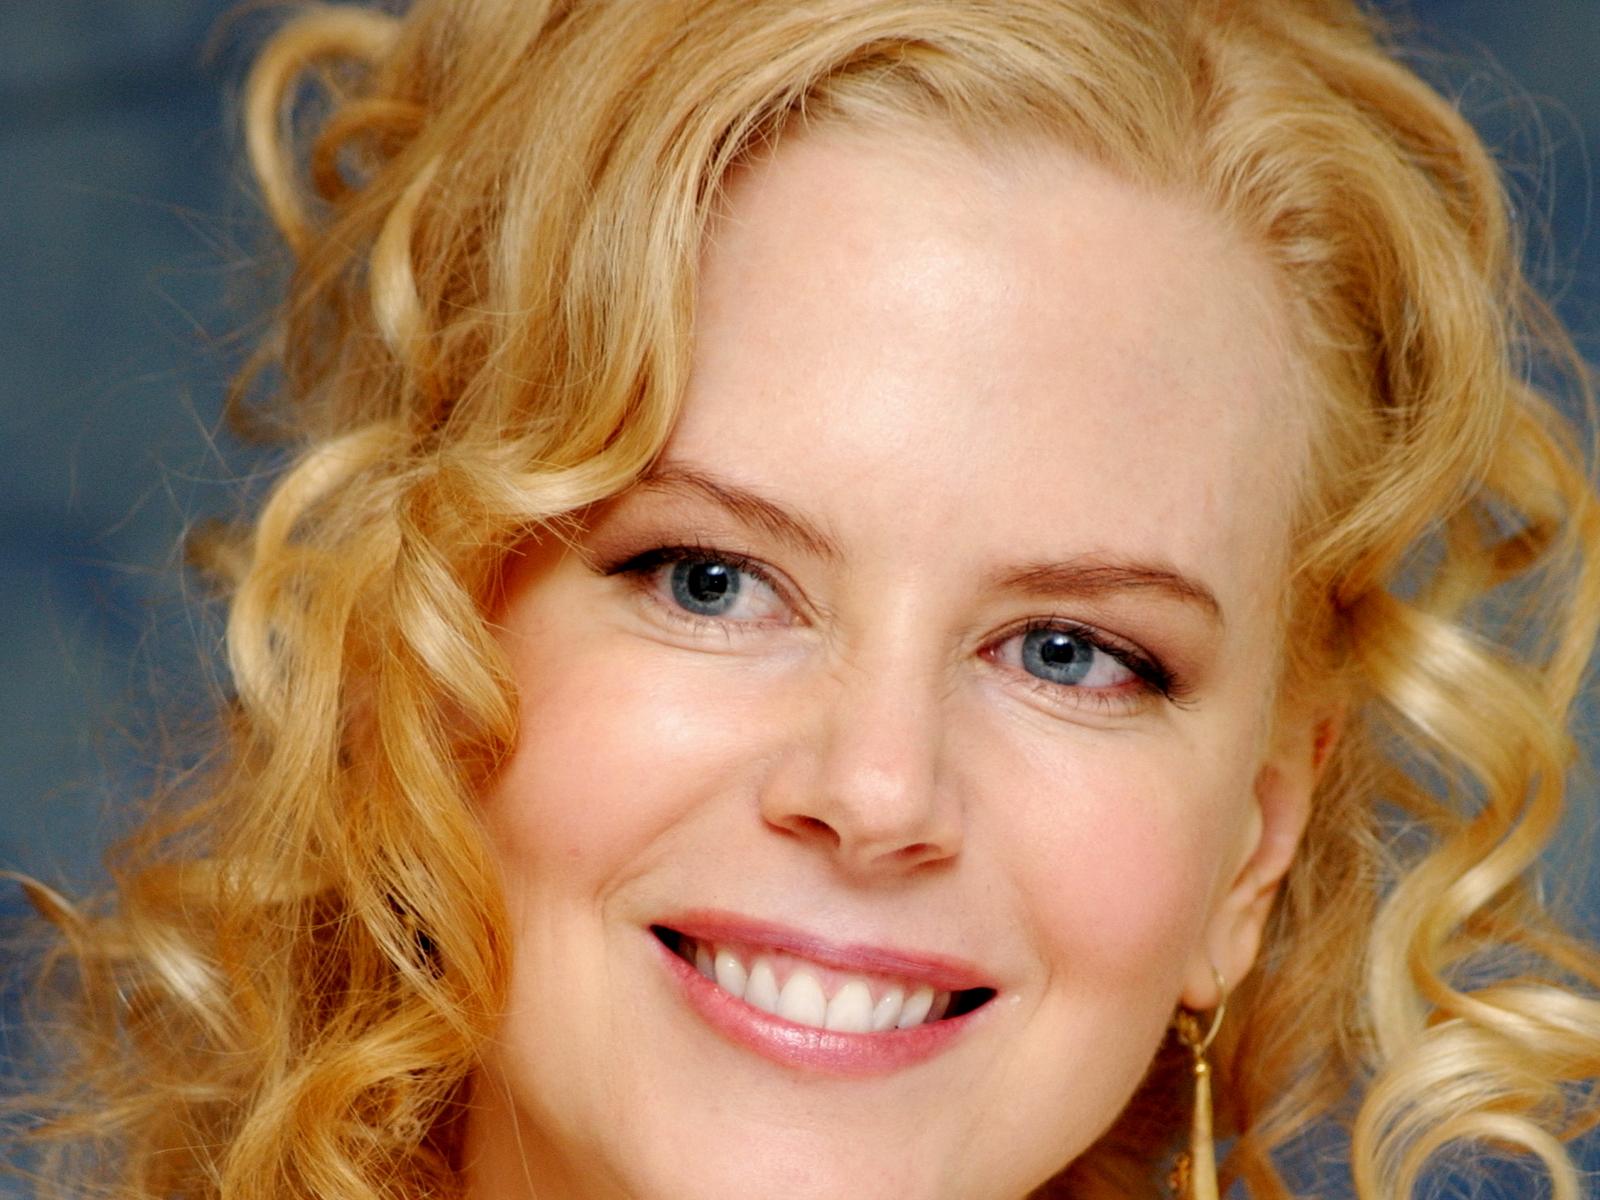 Kareena 3d Wallpaper Nicole Kidman Wallpaper 3d Wallpaper Nature Wallpaper